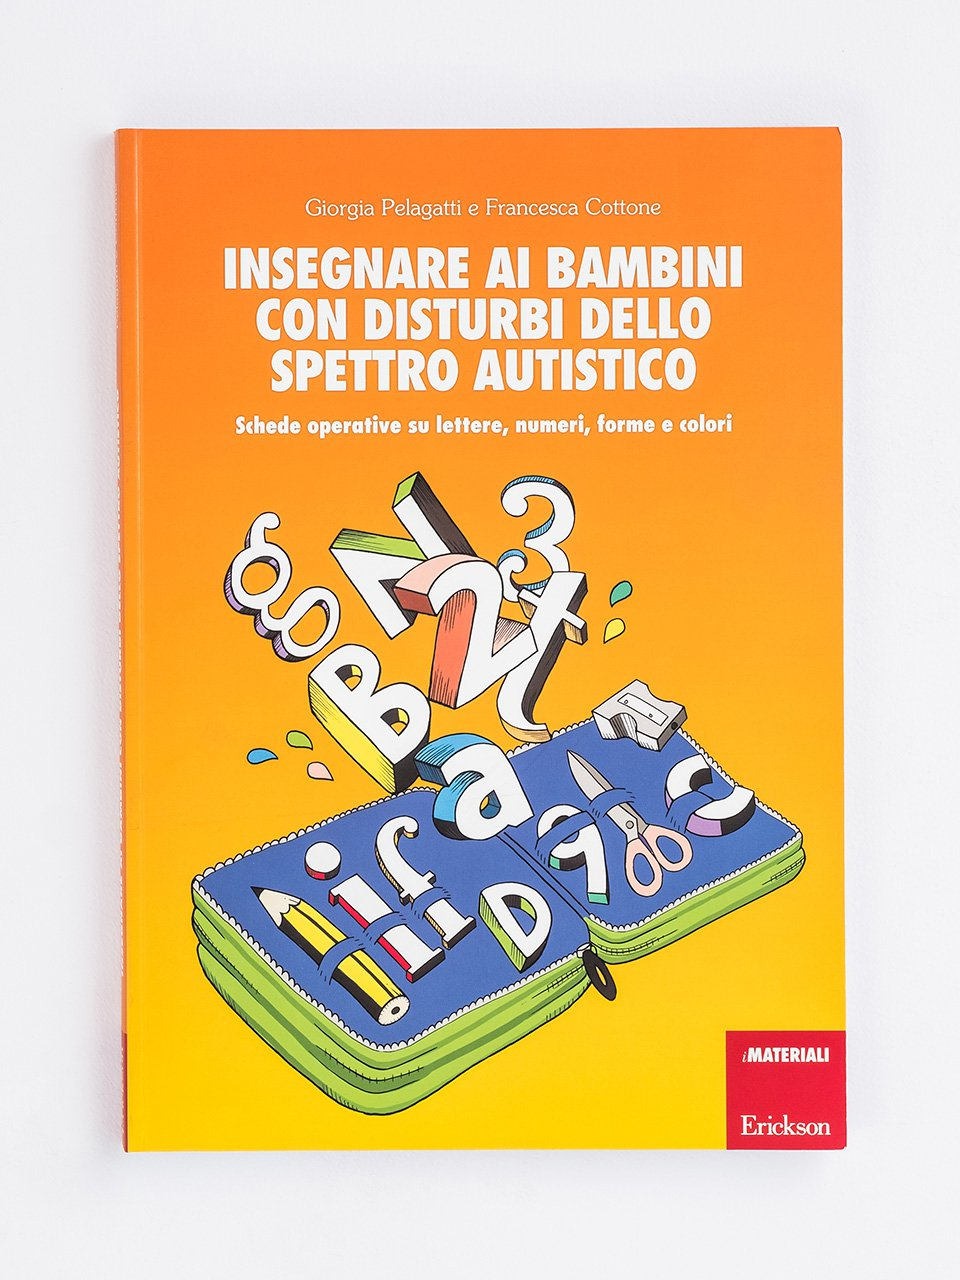 Insegnare ai bambini con disturbi dello spettro autistico - Enigmistica in gioco -  Compiti estivi - Classe qu - Libri - Erickson